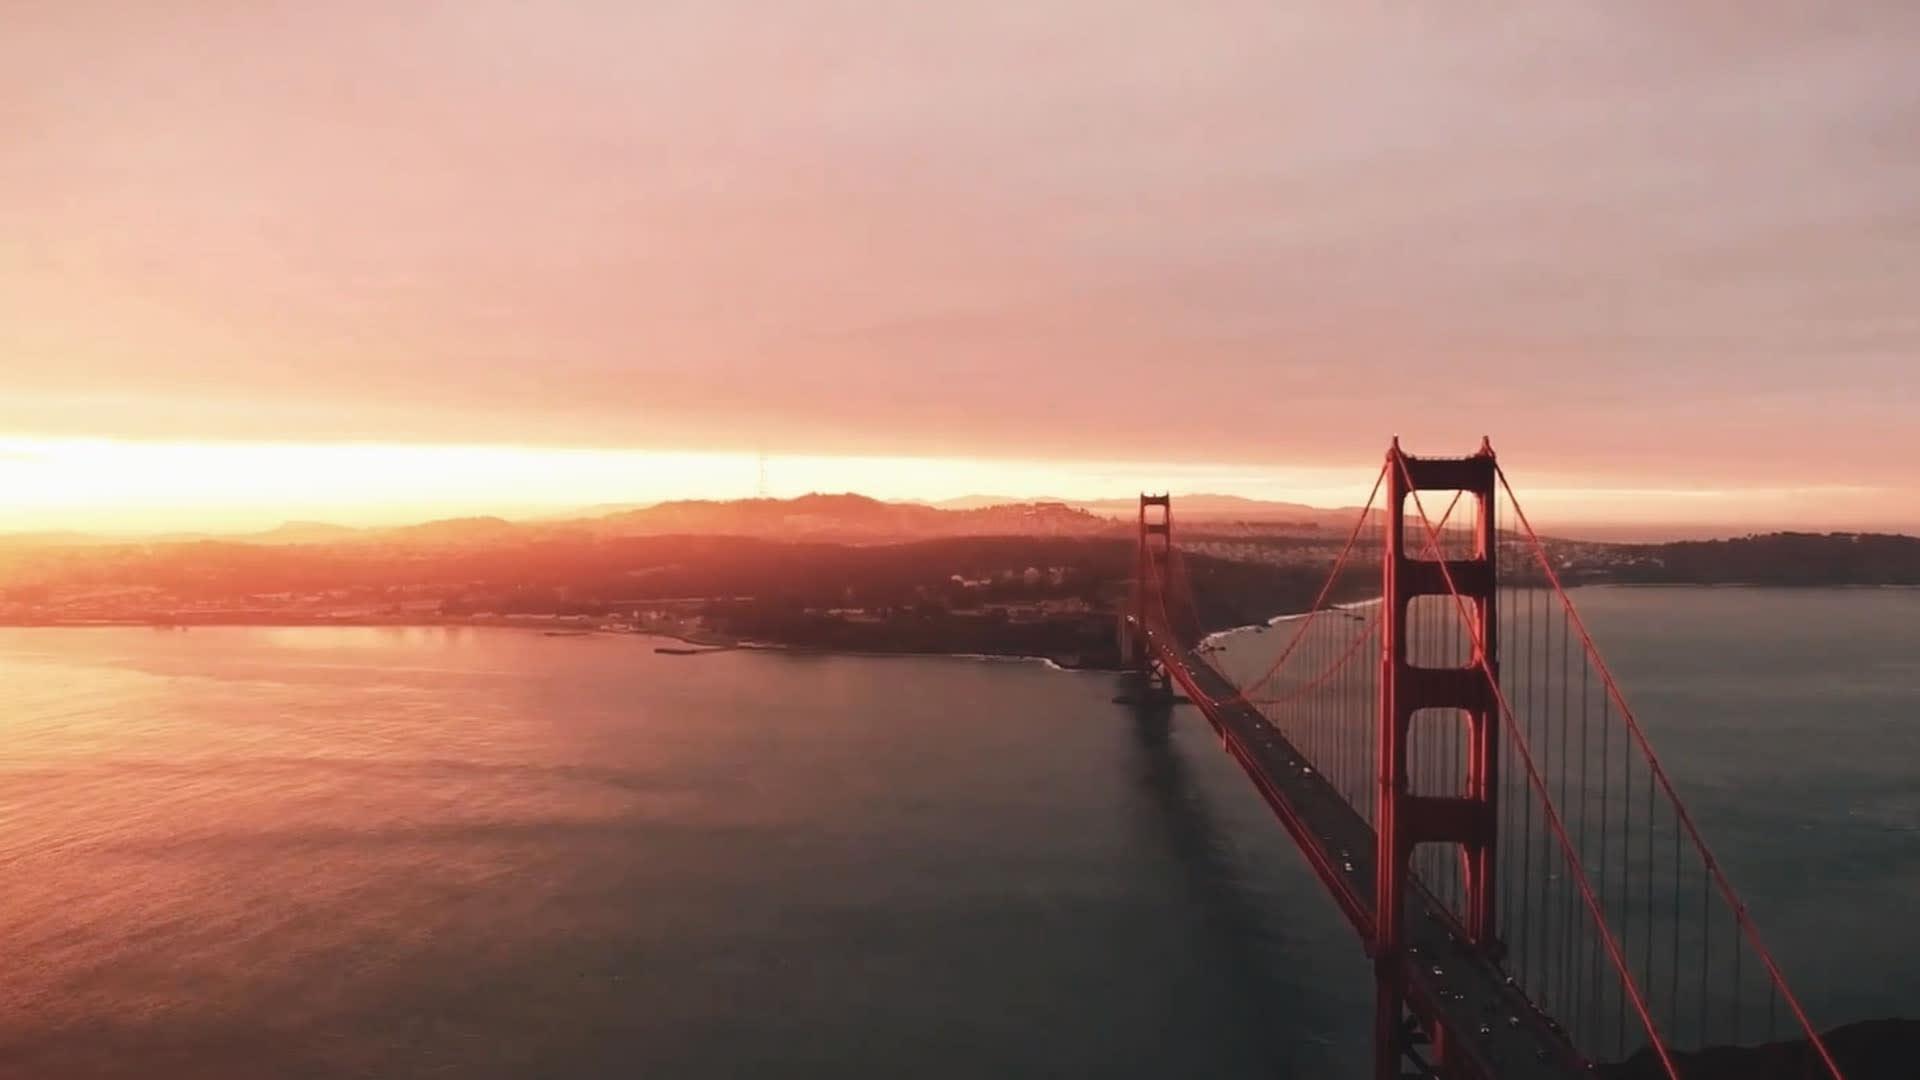 Na imagem, vemos a ponte de São Francisco, um dos locais onde a equipe do meuSucesso.com esteve para gravar as séries no Vale do Silício.